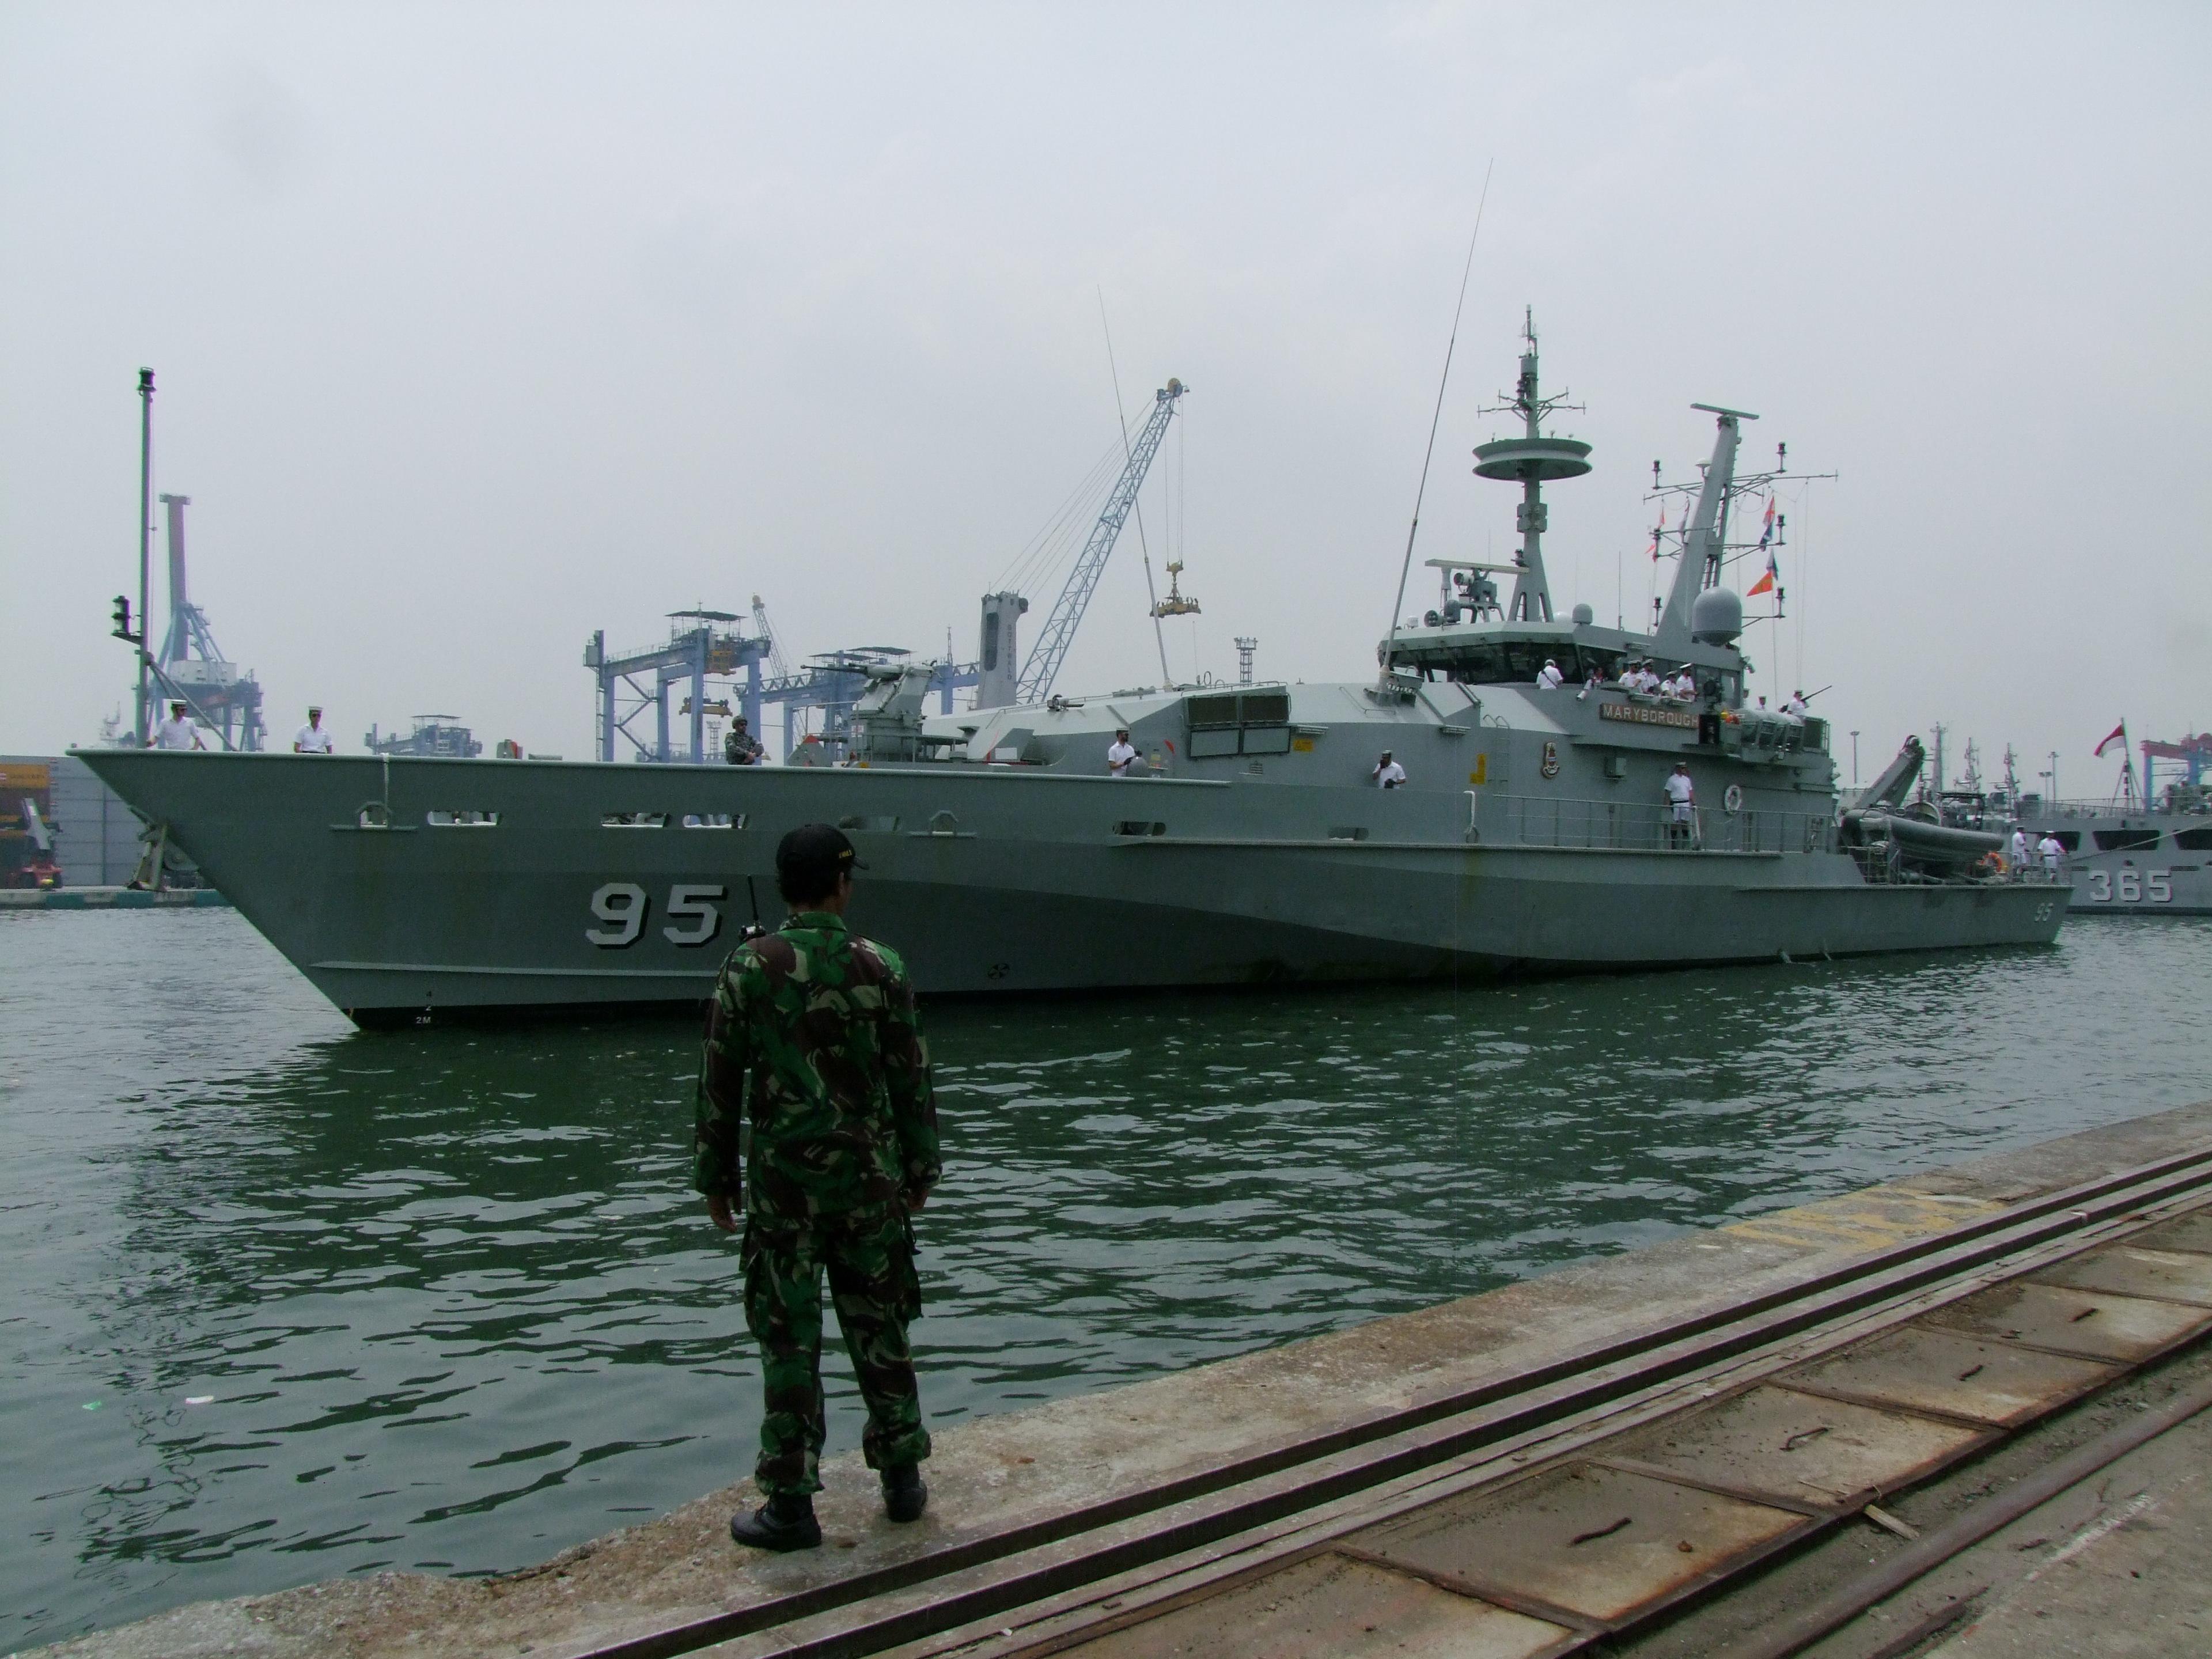 Australian Navy - Marine Australienne - Page 5 33003027042_8ecc8d5ba2_o